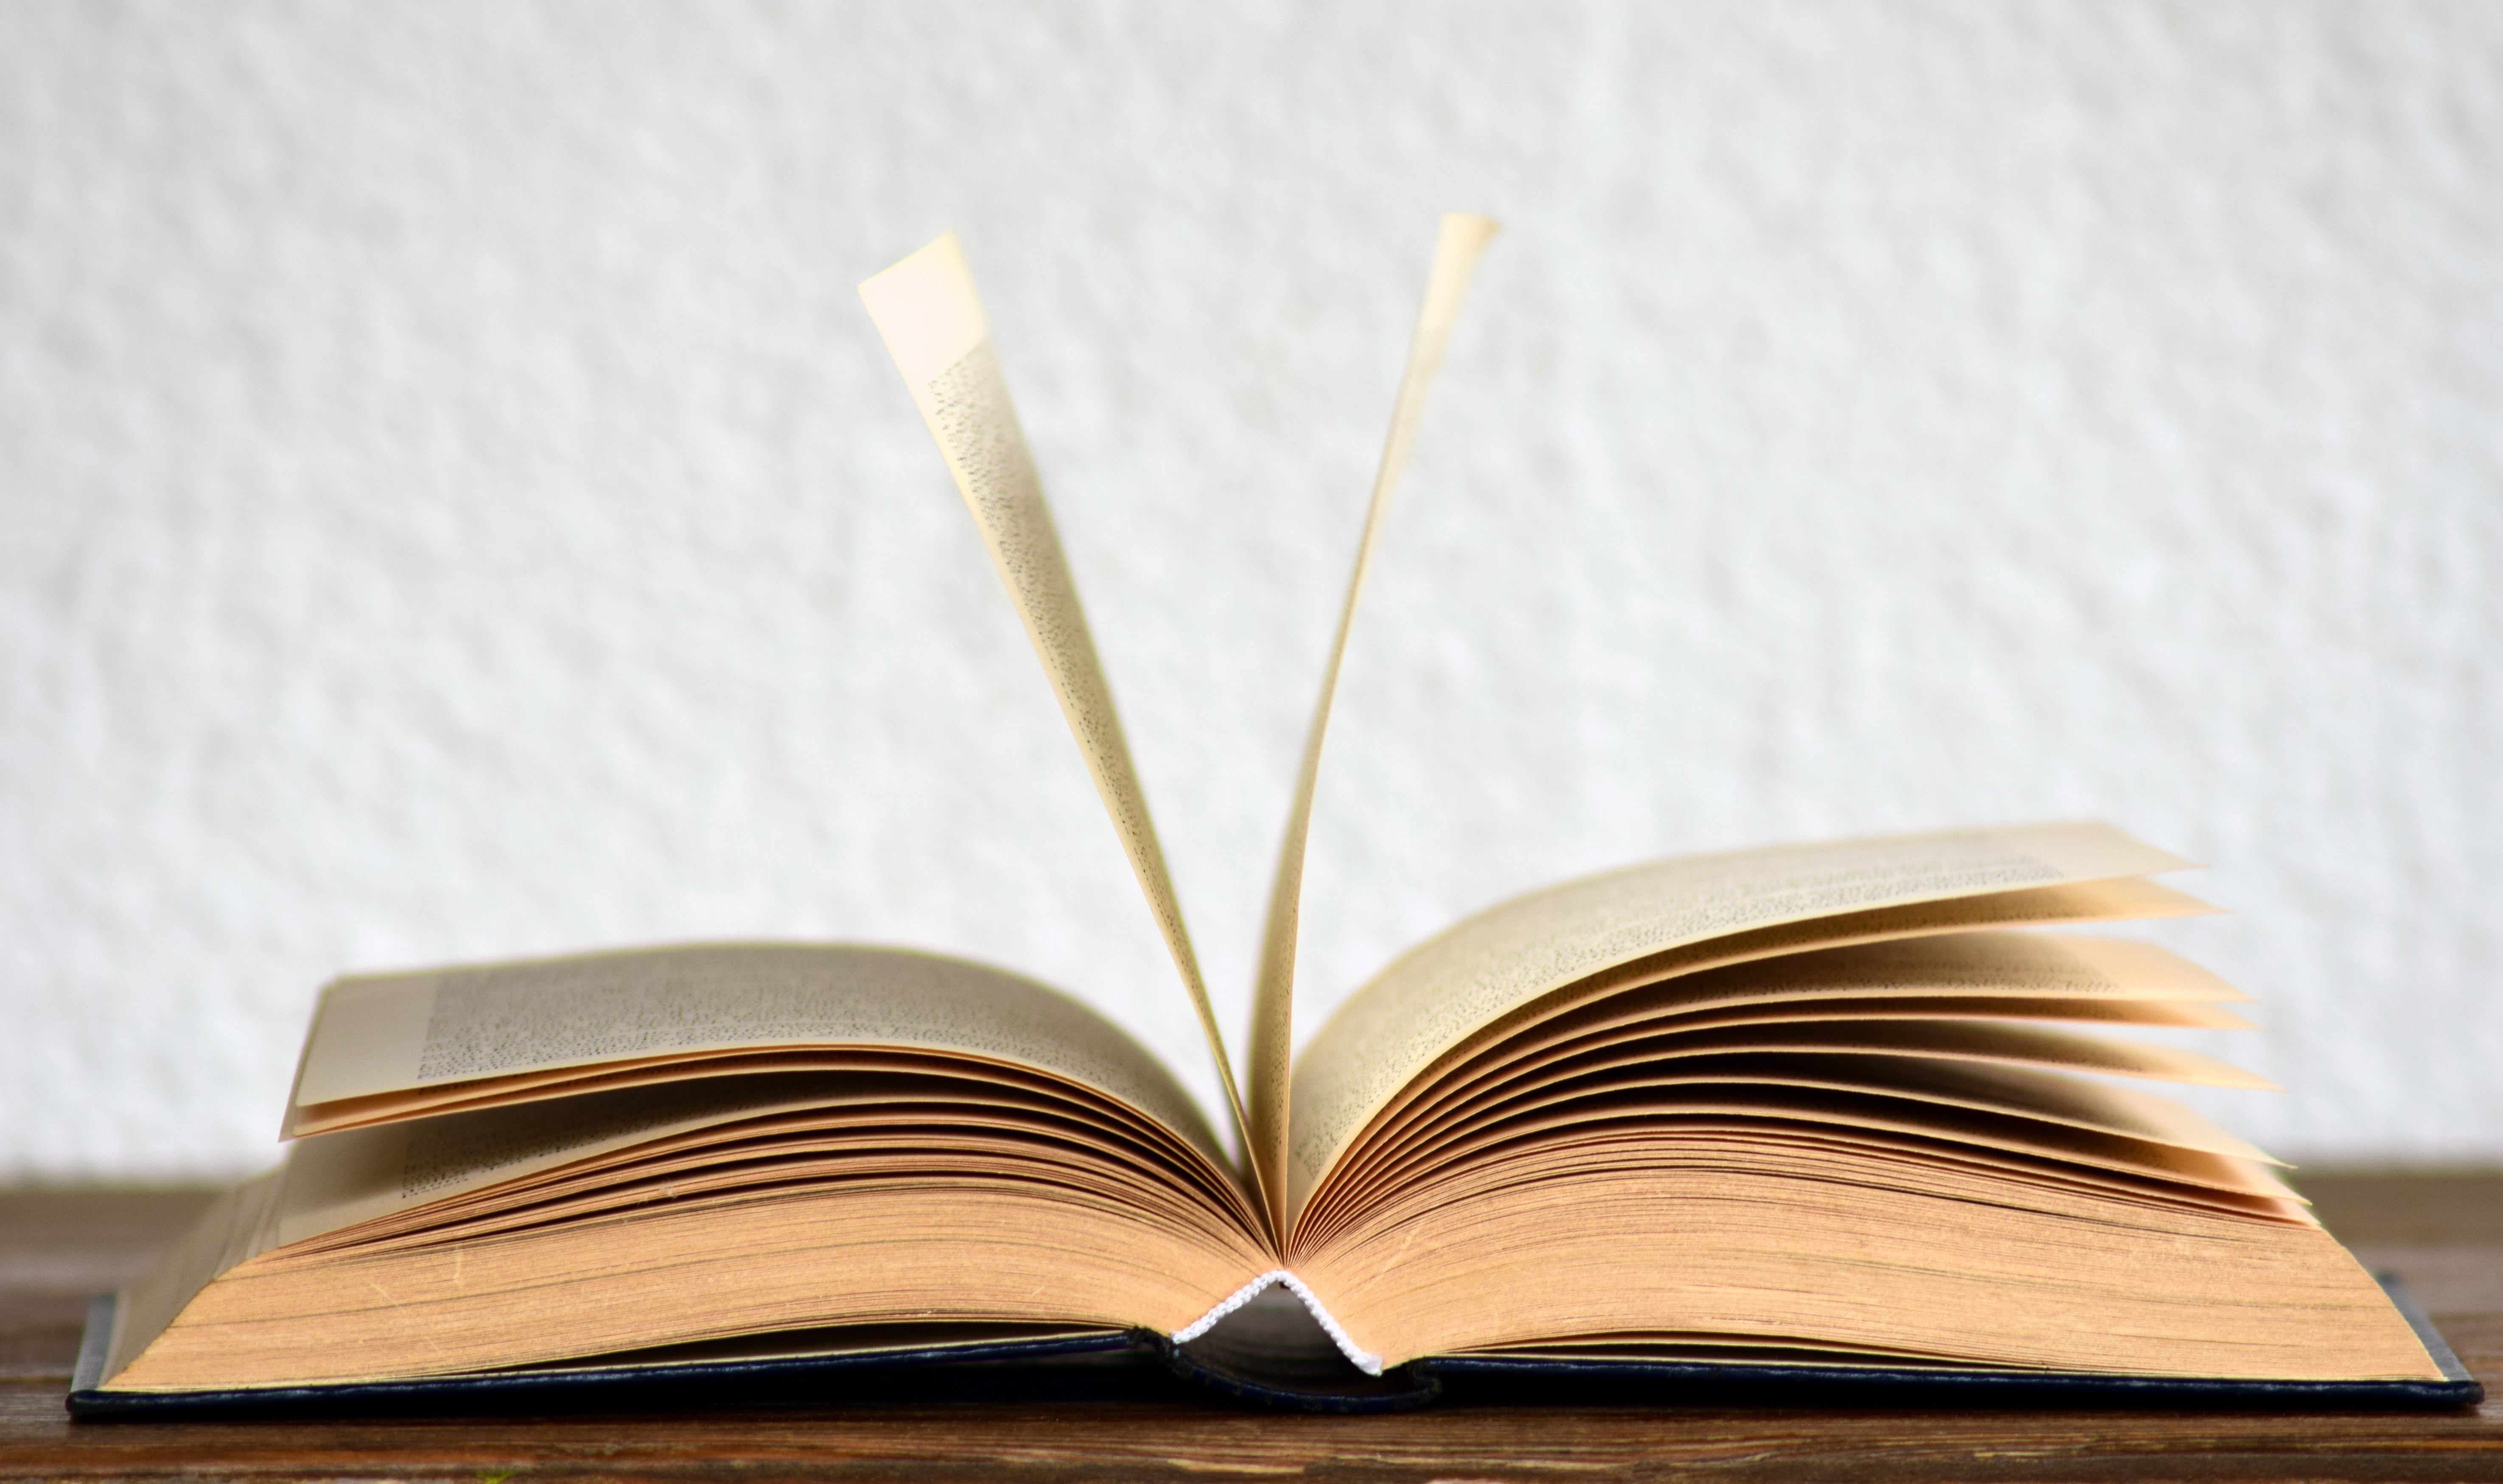 איך תעצבו נכון את הכריכה של הספר שלכם?